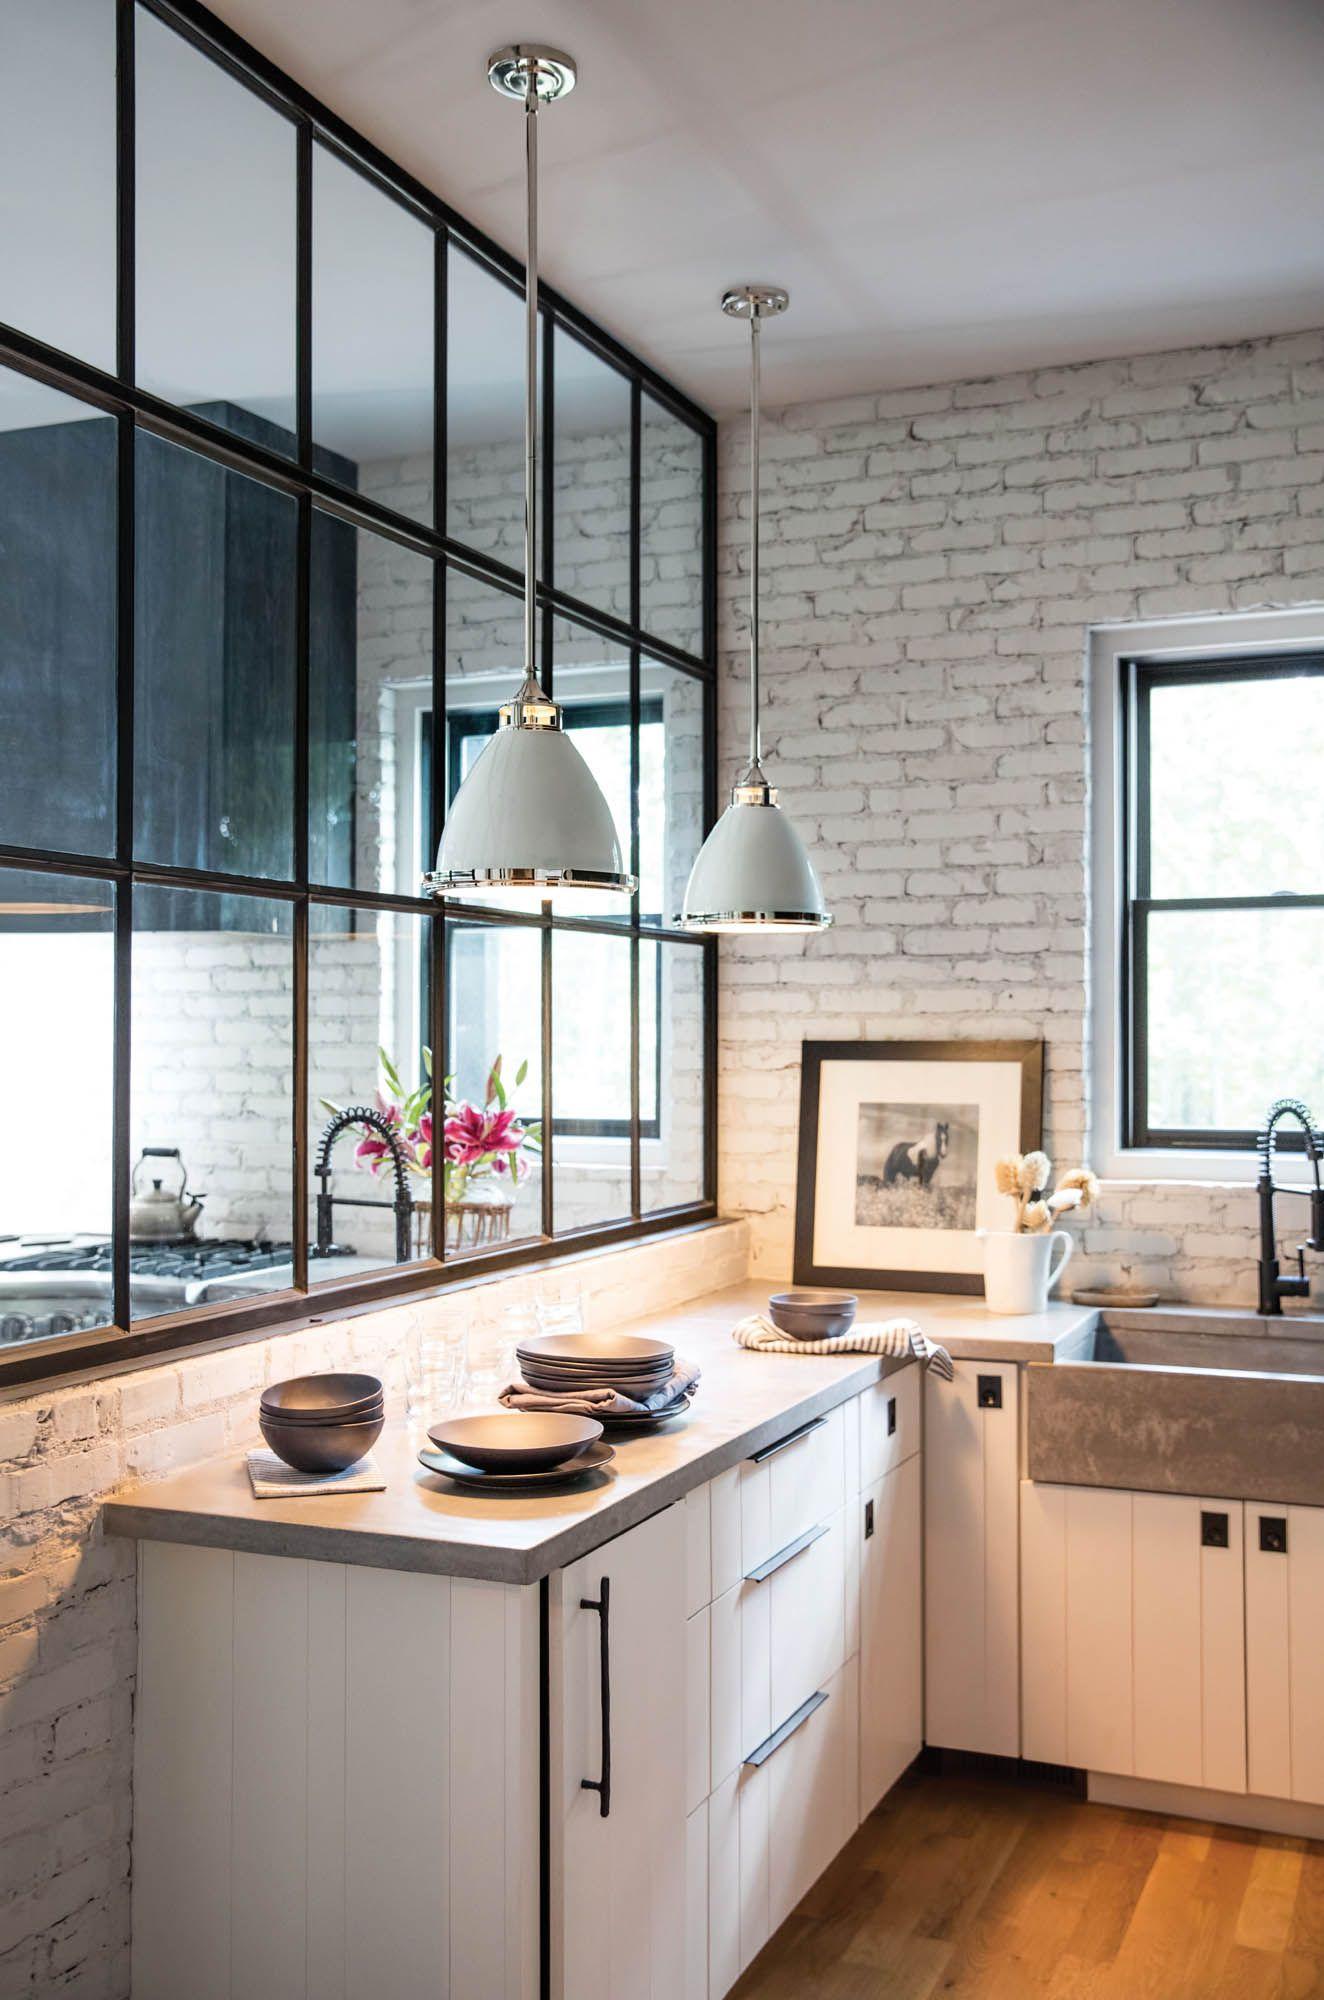 Pin de rita agrasar anido en cocina cocinas casas y lavaderos - Presupuesto cocina nueva ...